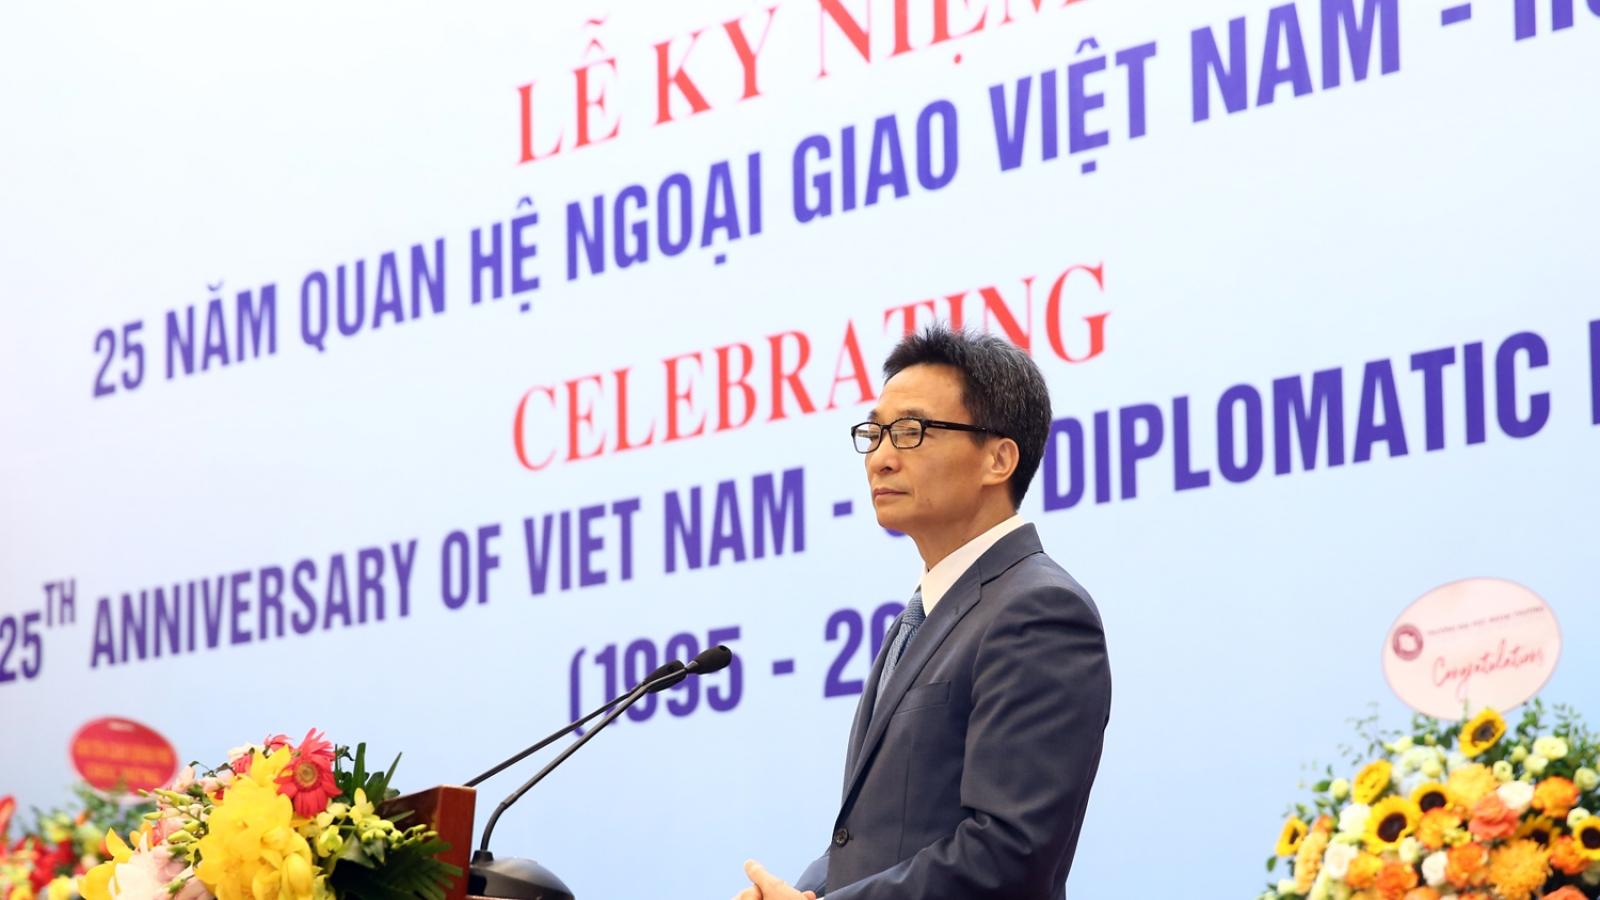 Lễ kỷ niệm 25 năm thiết lập quan hệ ngoại giao Việt Nam – Hoa Kỳ